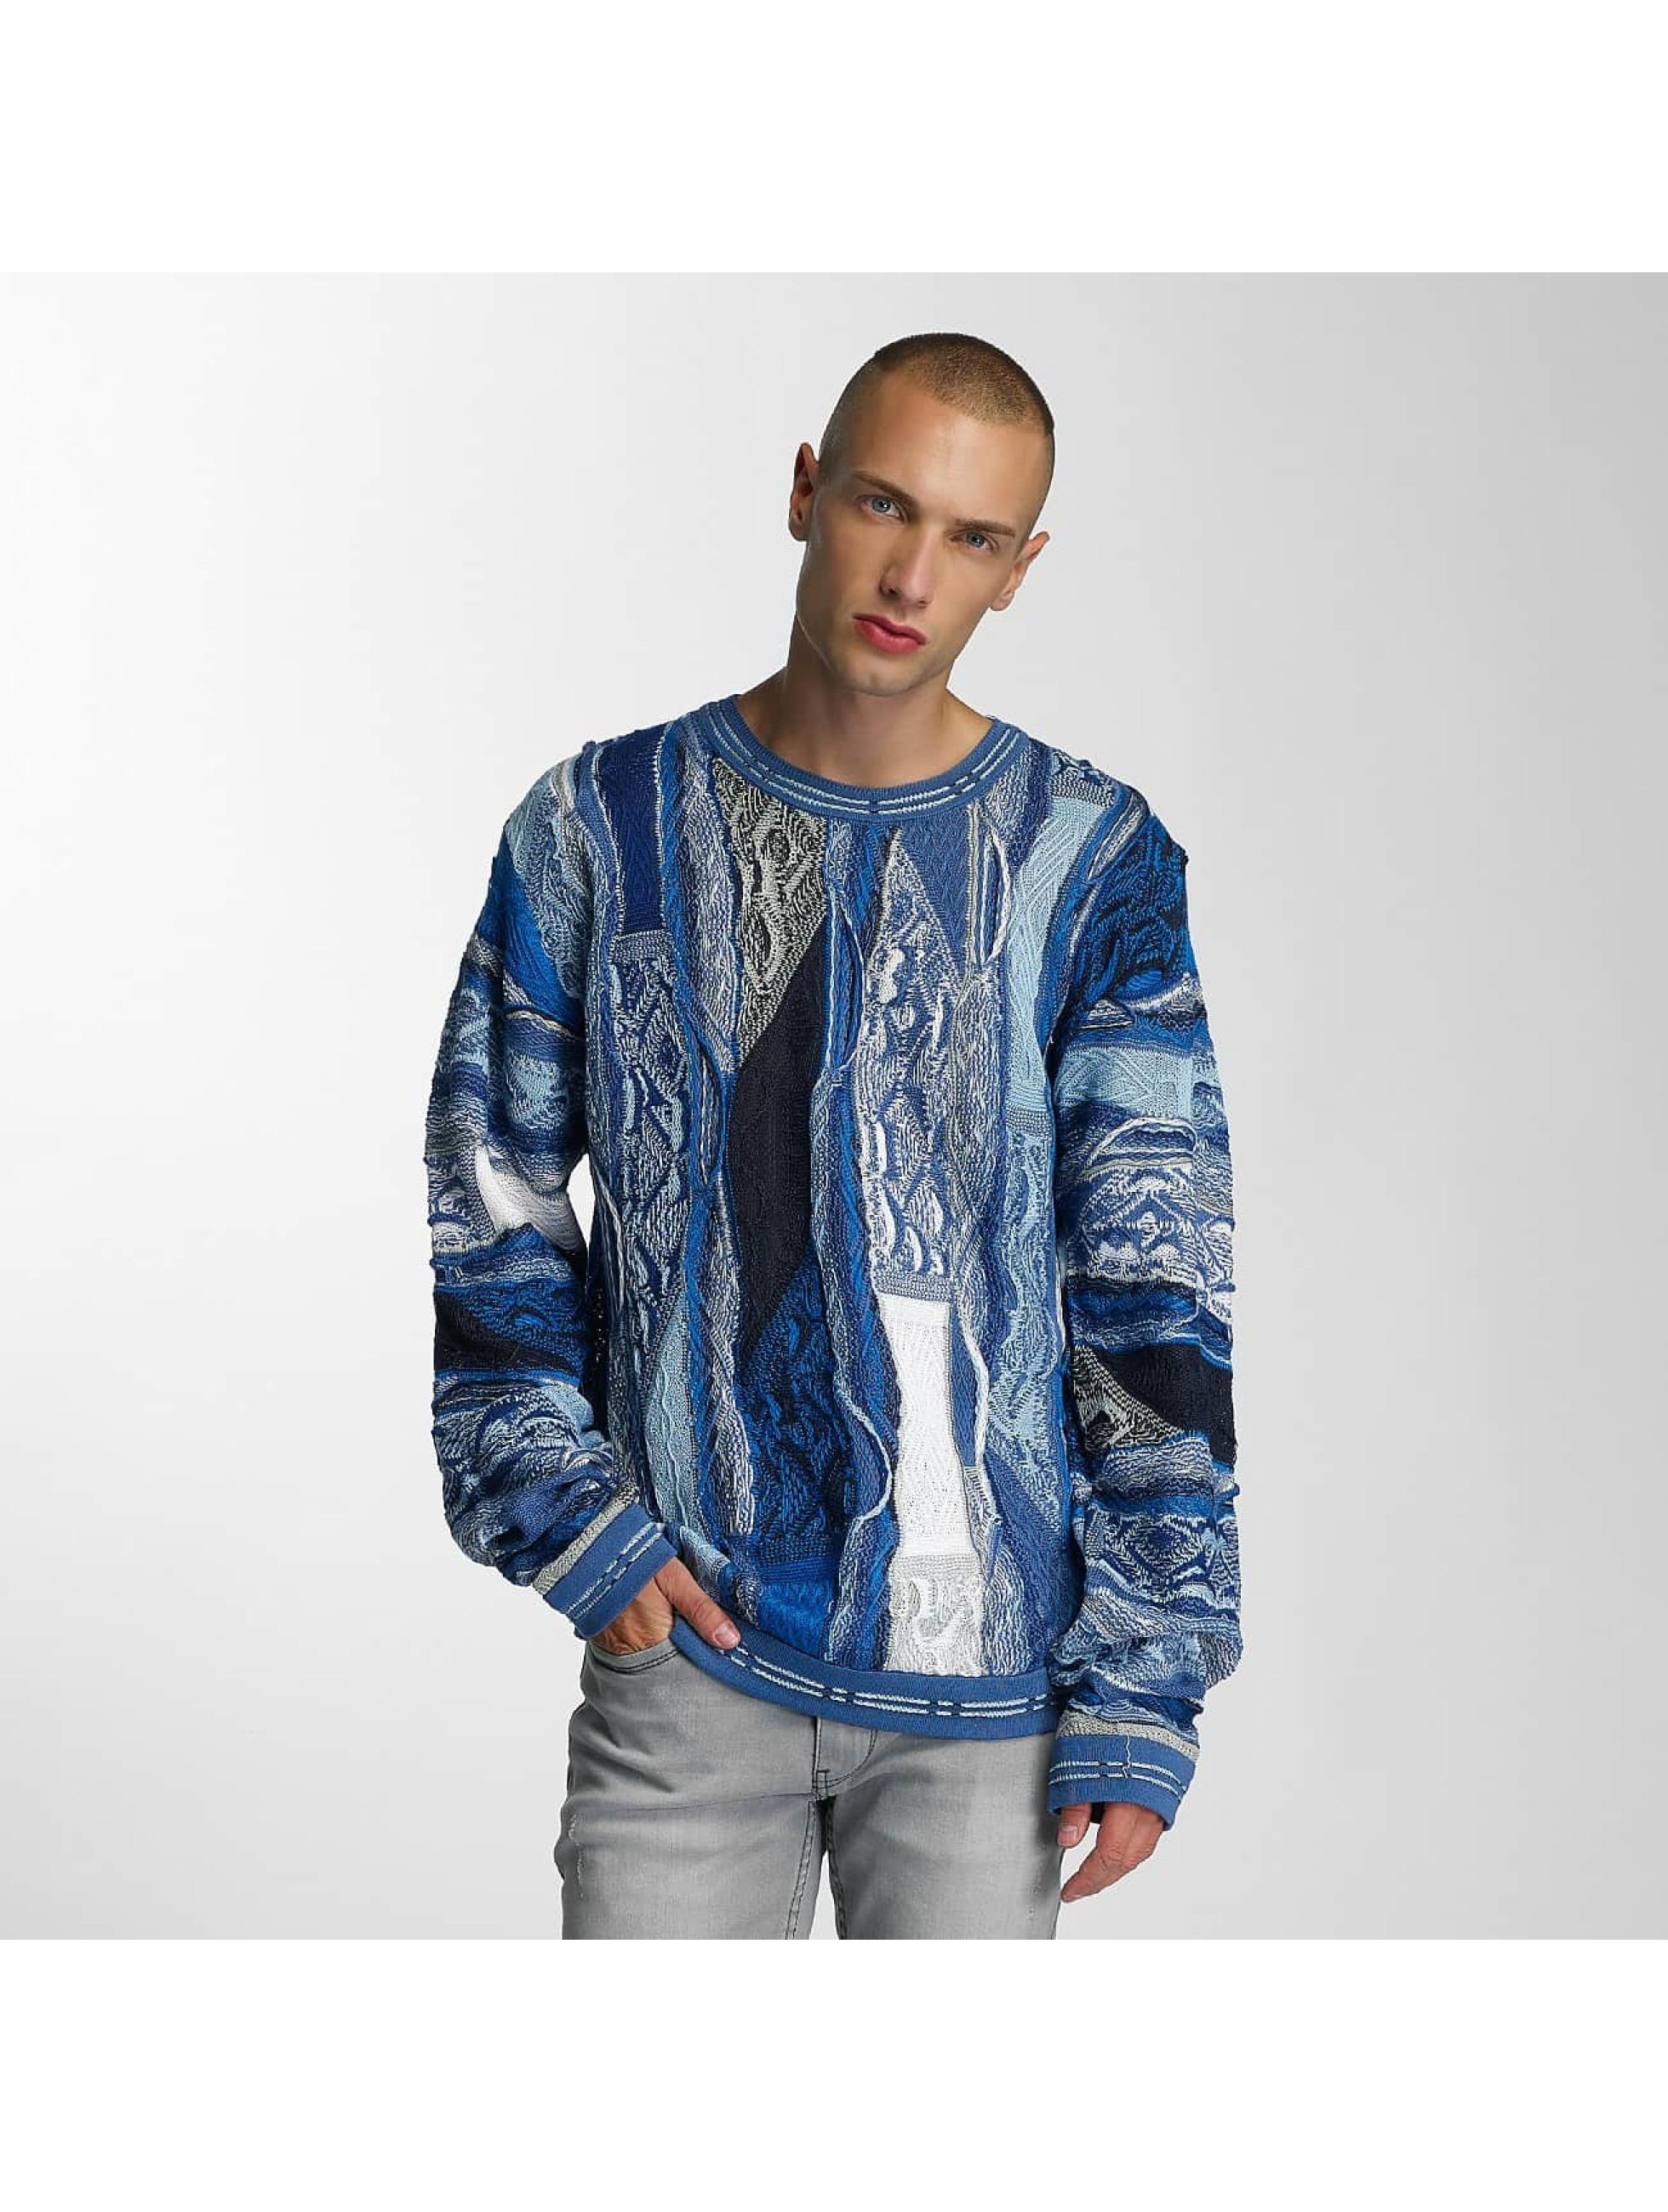 Coogi Jersey Patchwork azul